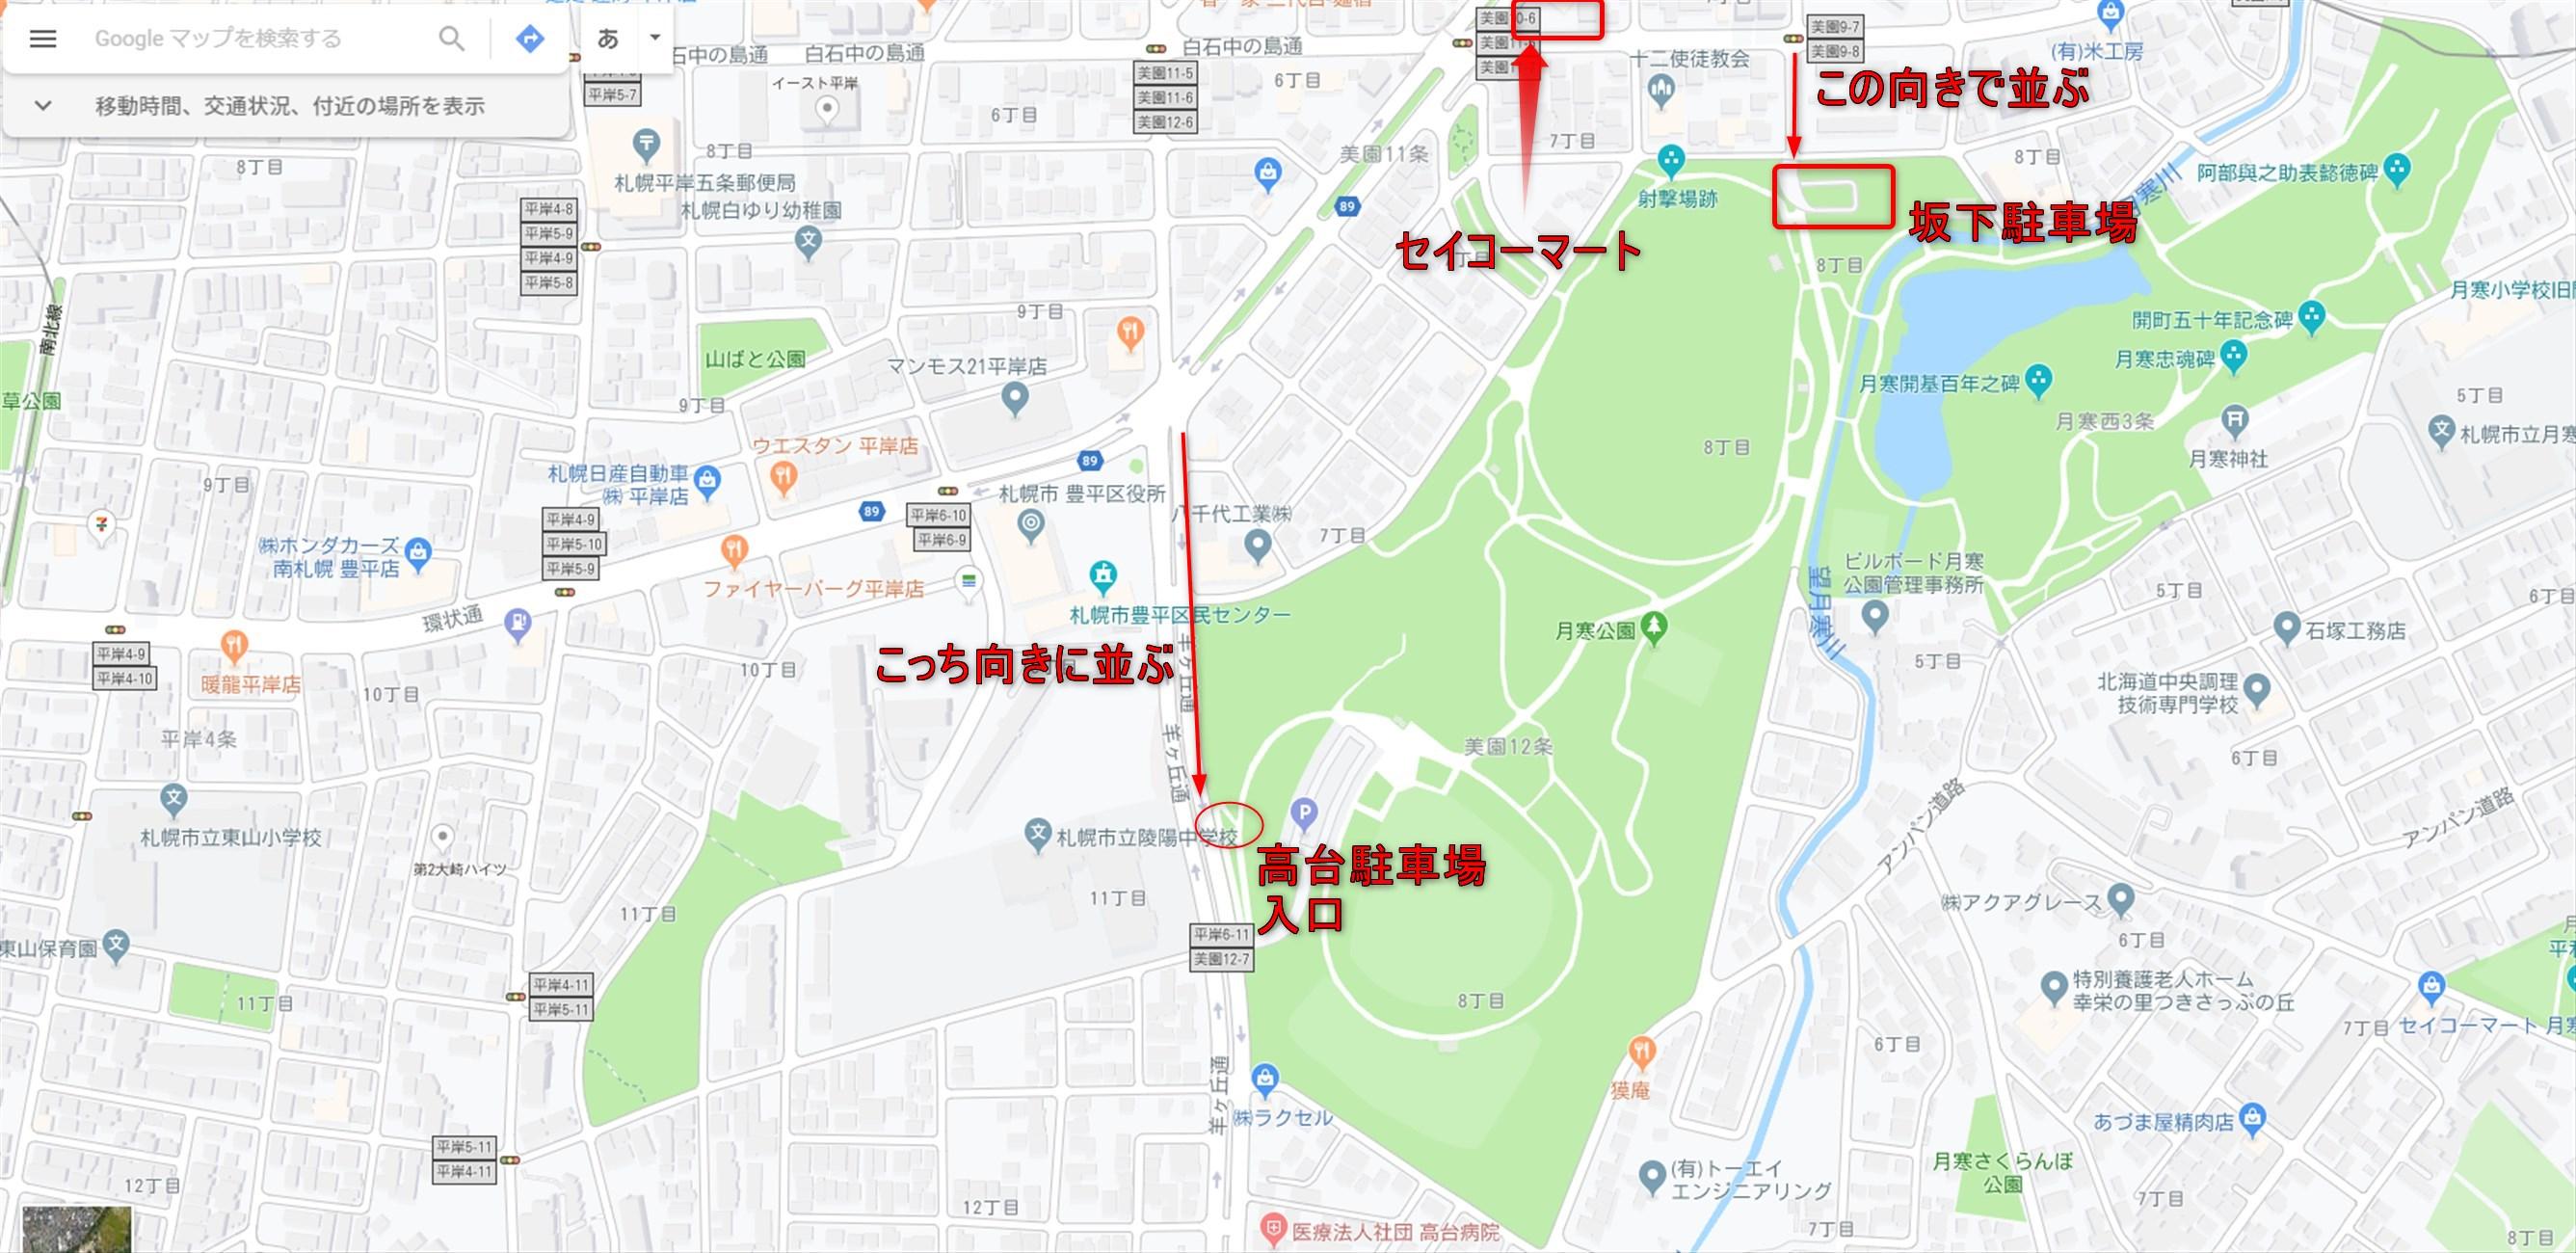 月寒公園 駐車場マップ